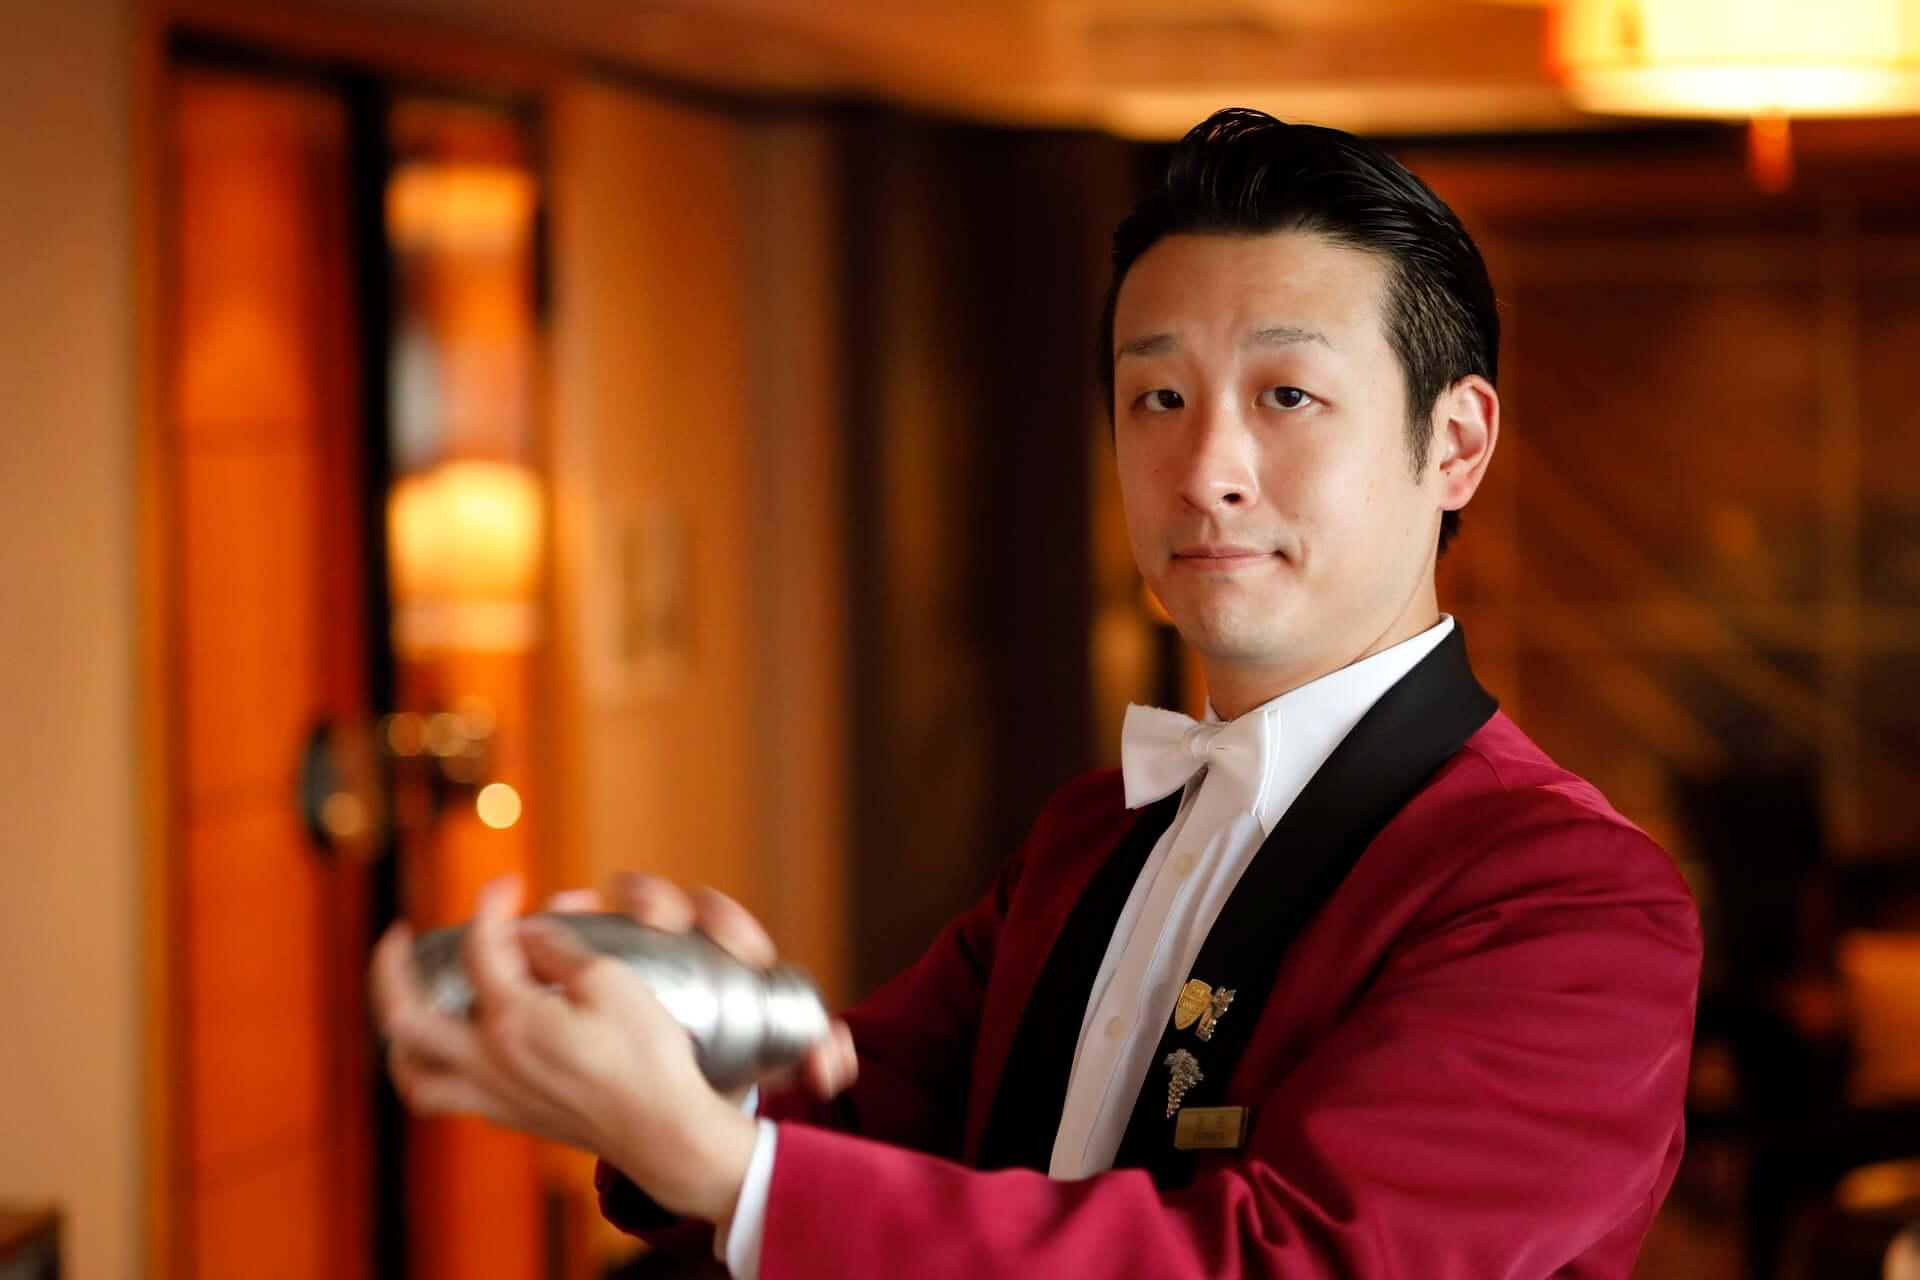 """世界第5位に輝いたバーテンダーによる""""サスティナブル""""な桜カクテルが登場!ホテルニューオータニ東京・Bar Capriにて期間限定で提供開始 gourmet200302_sakurafizz_5-1920x1280"""